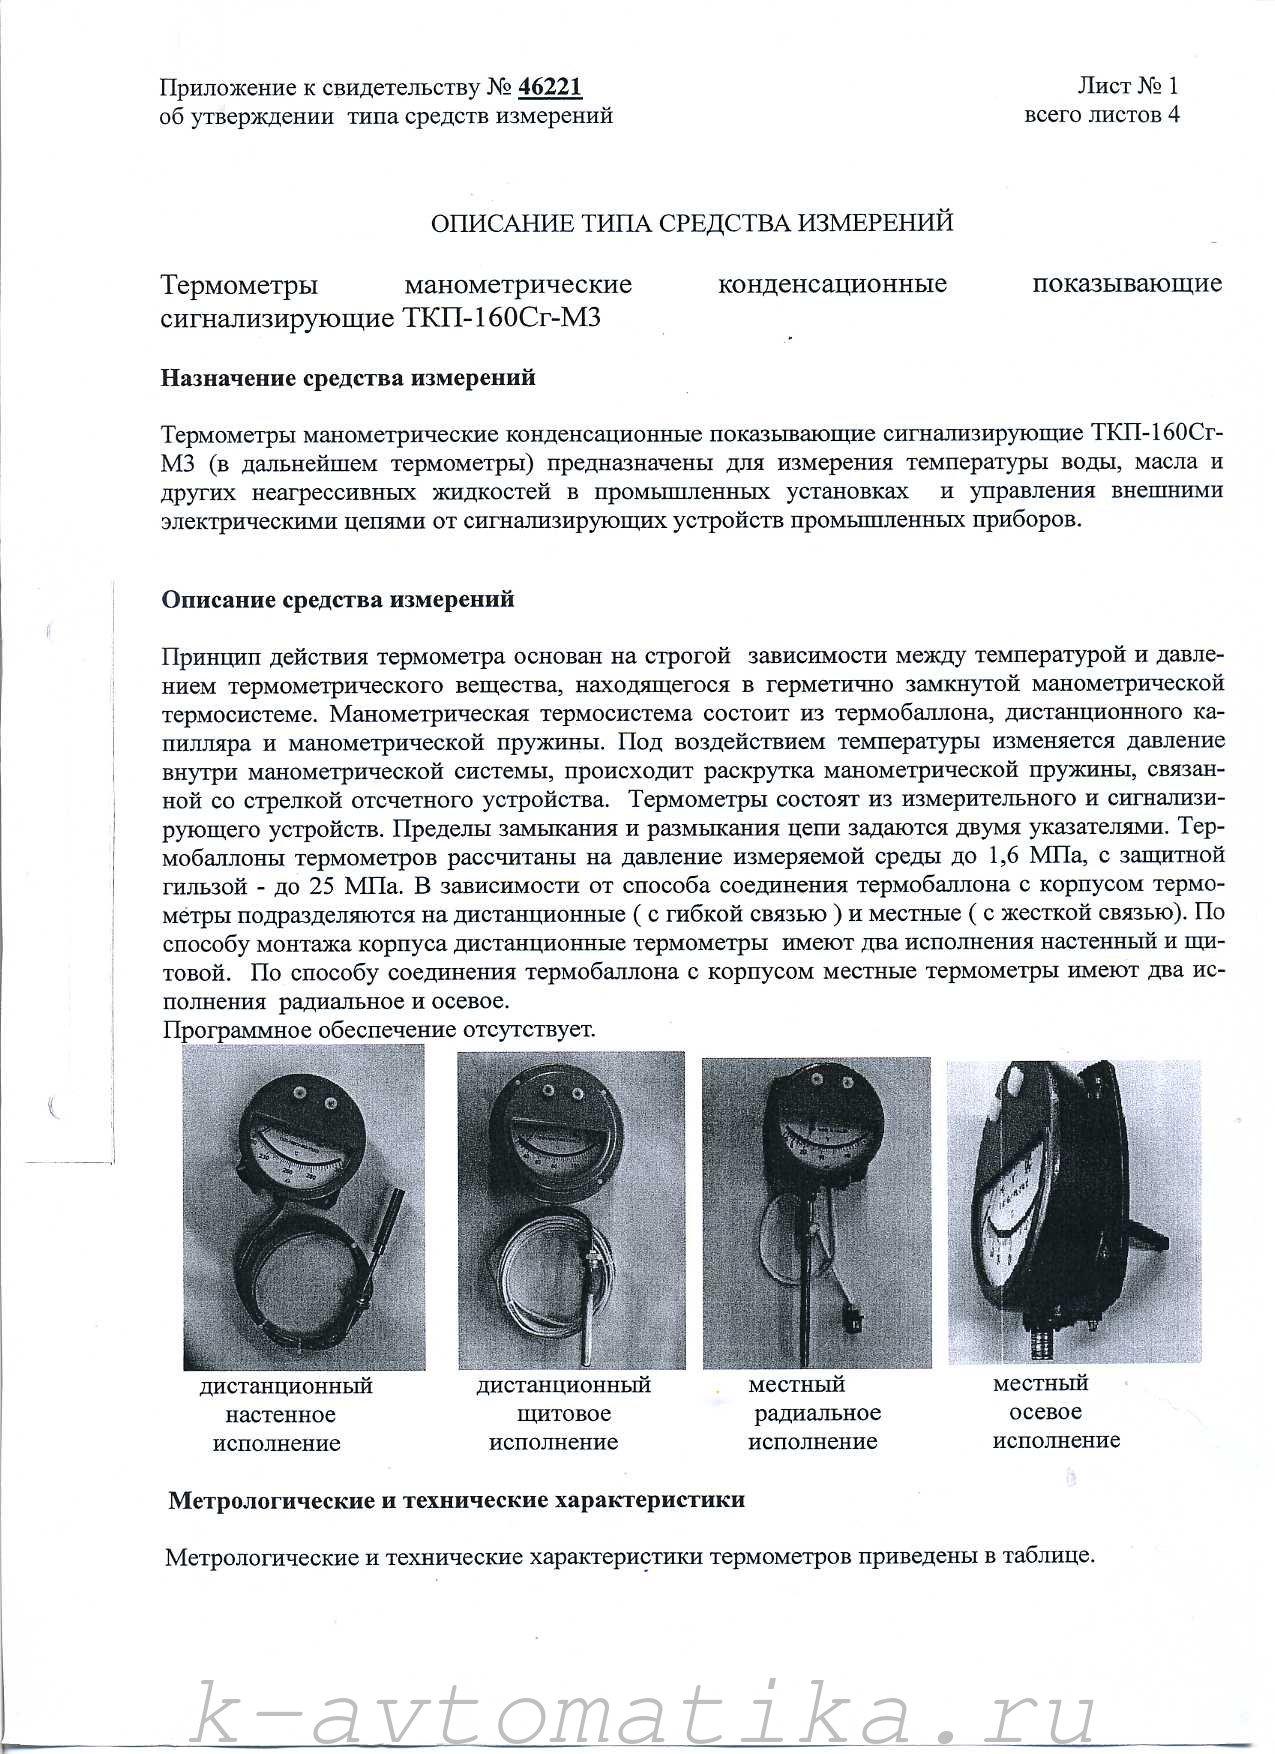 схема подключения термометра ткп-100